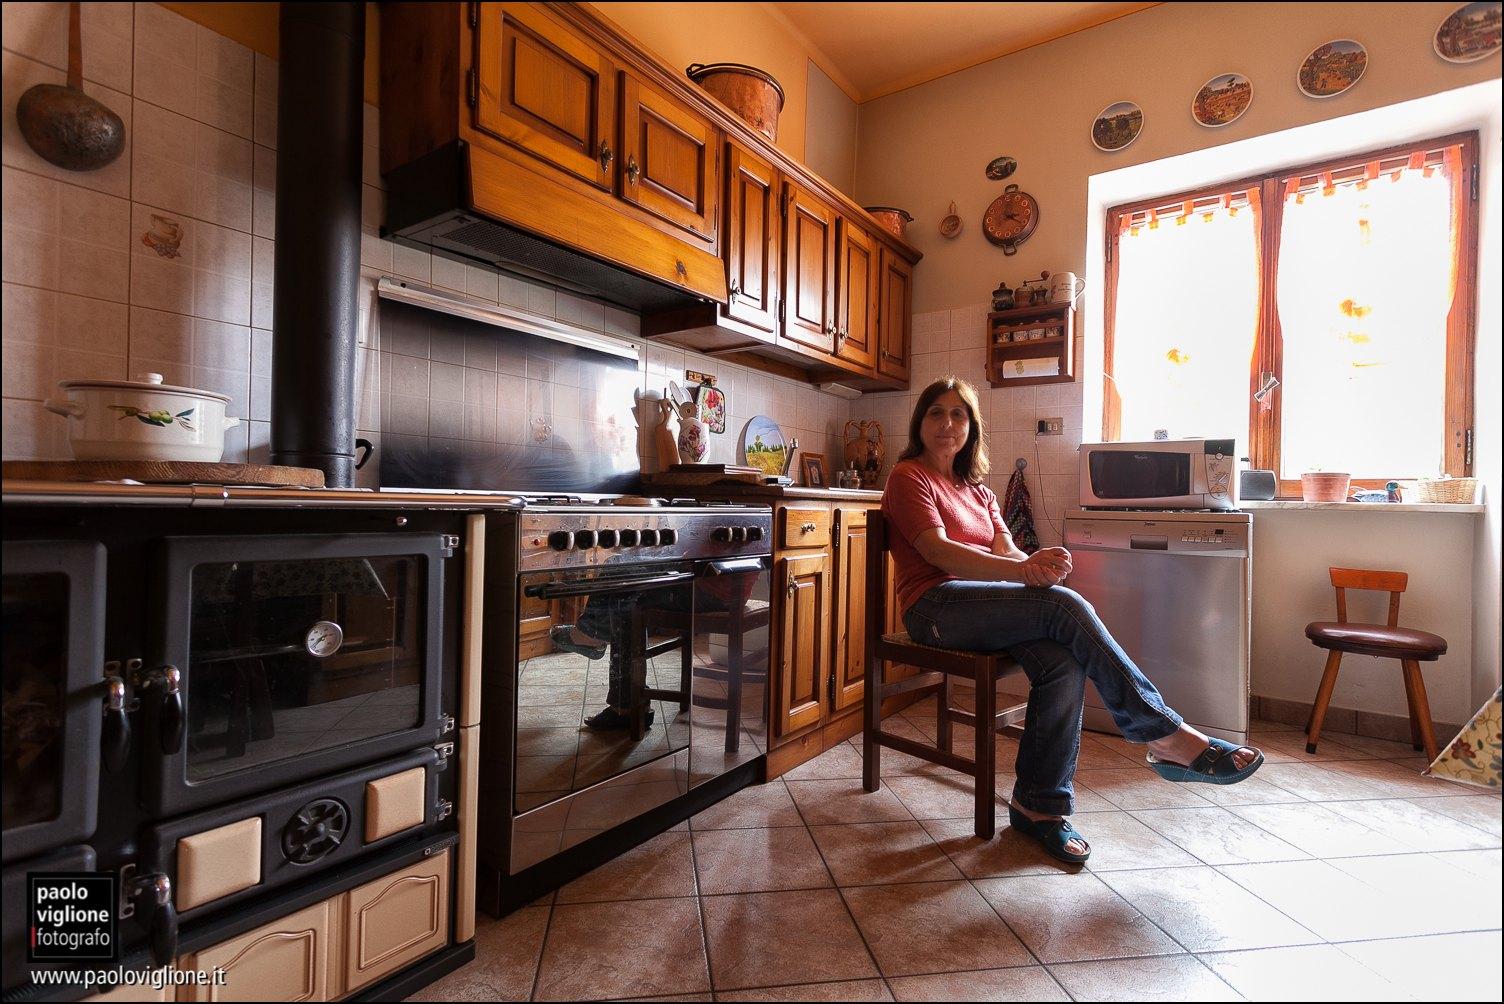 Concetta Laurito, Prazzo, lei e la sua famiglia vivono tutto l'anno in frazione Pellegrino a 1600 metri d'altitudine, se ne può leggere la storia su L'anello forte, di Nuto Revelli